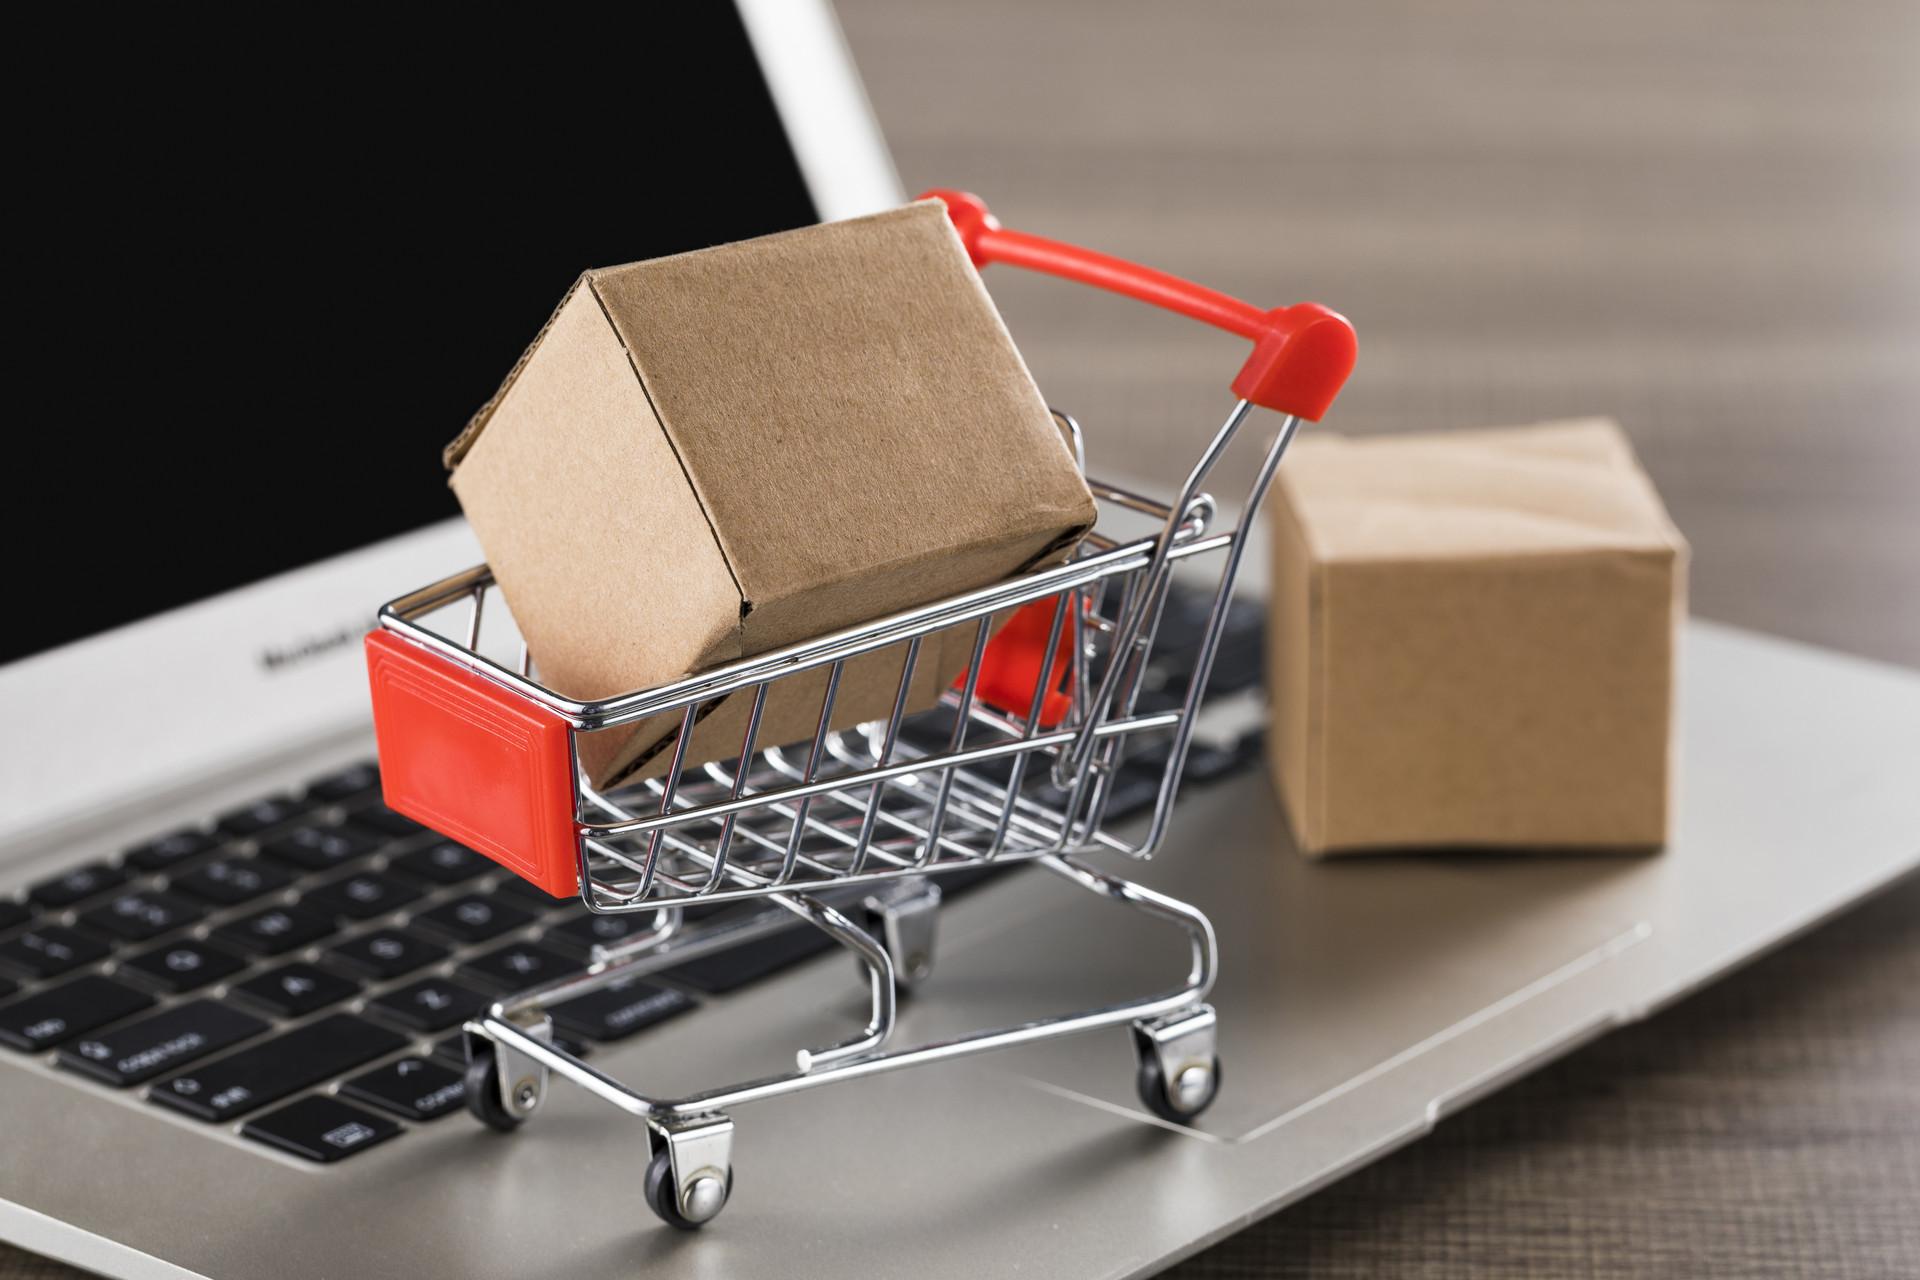 家电企业积极拥抱新零售 电商会否取代传统卖场?